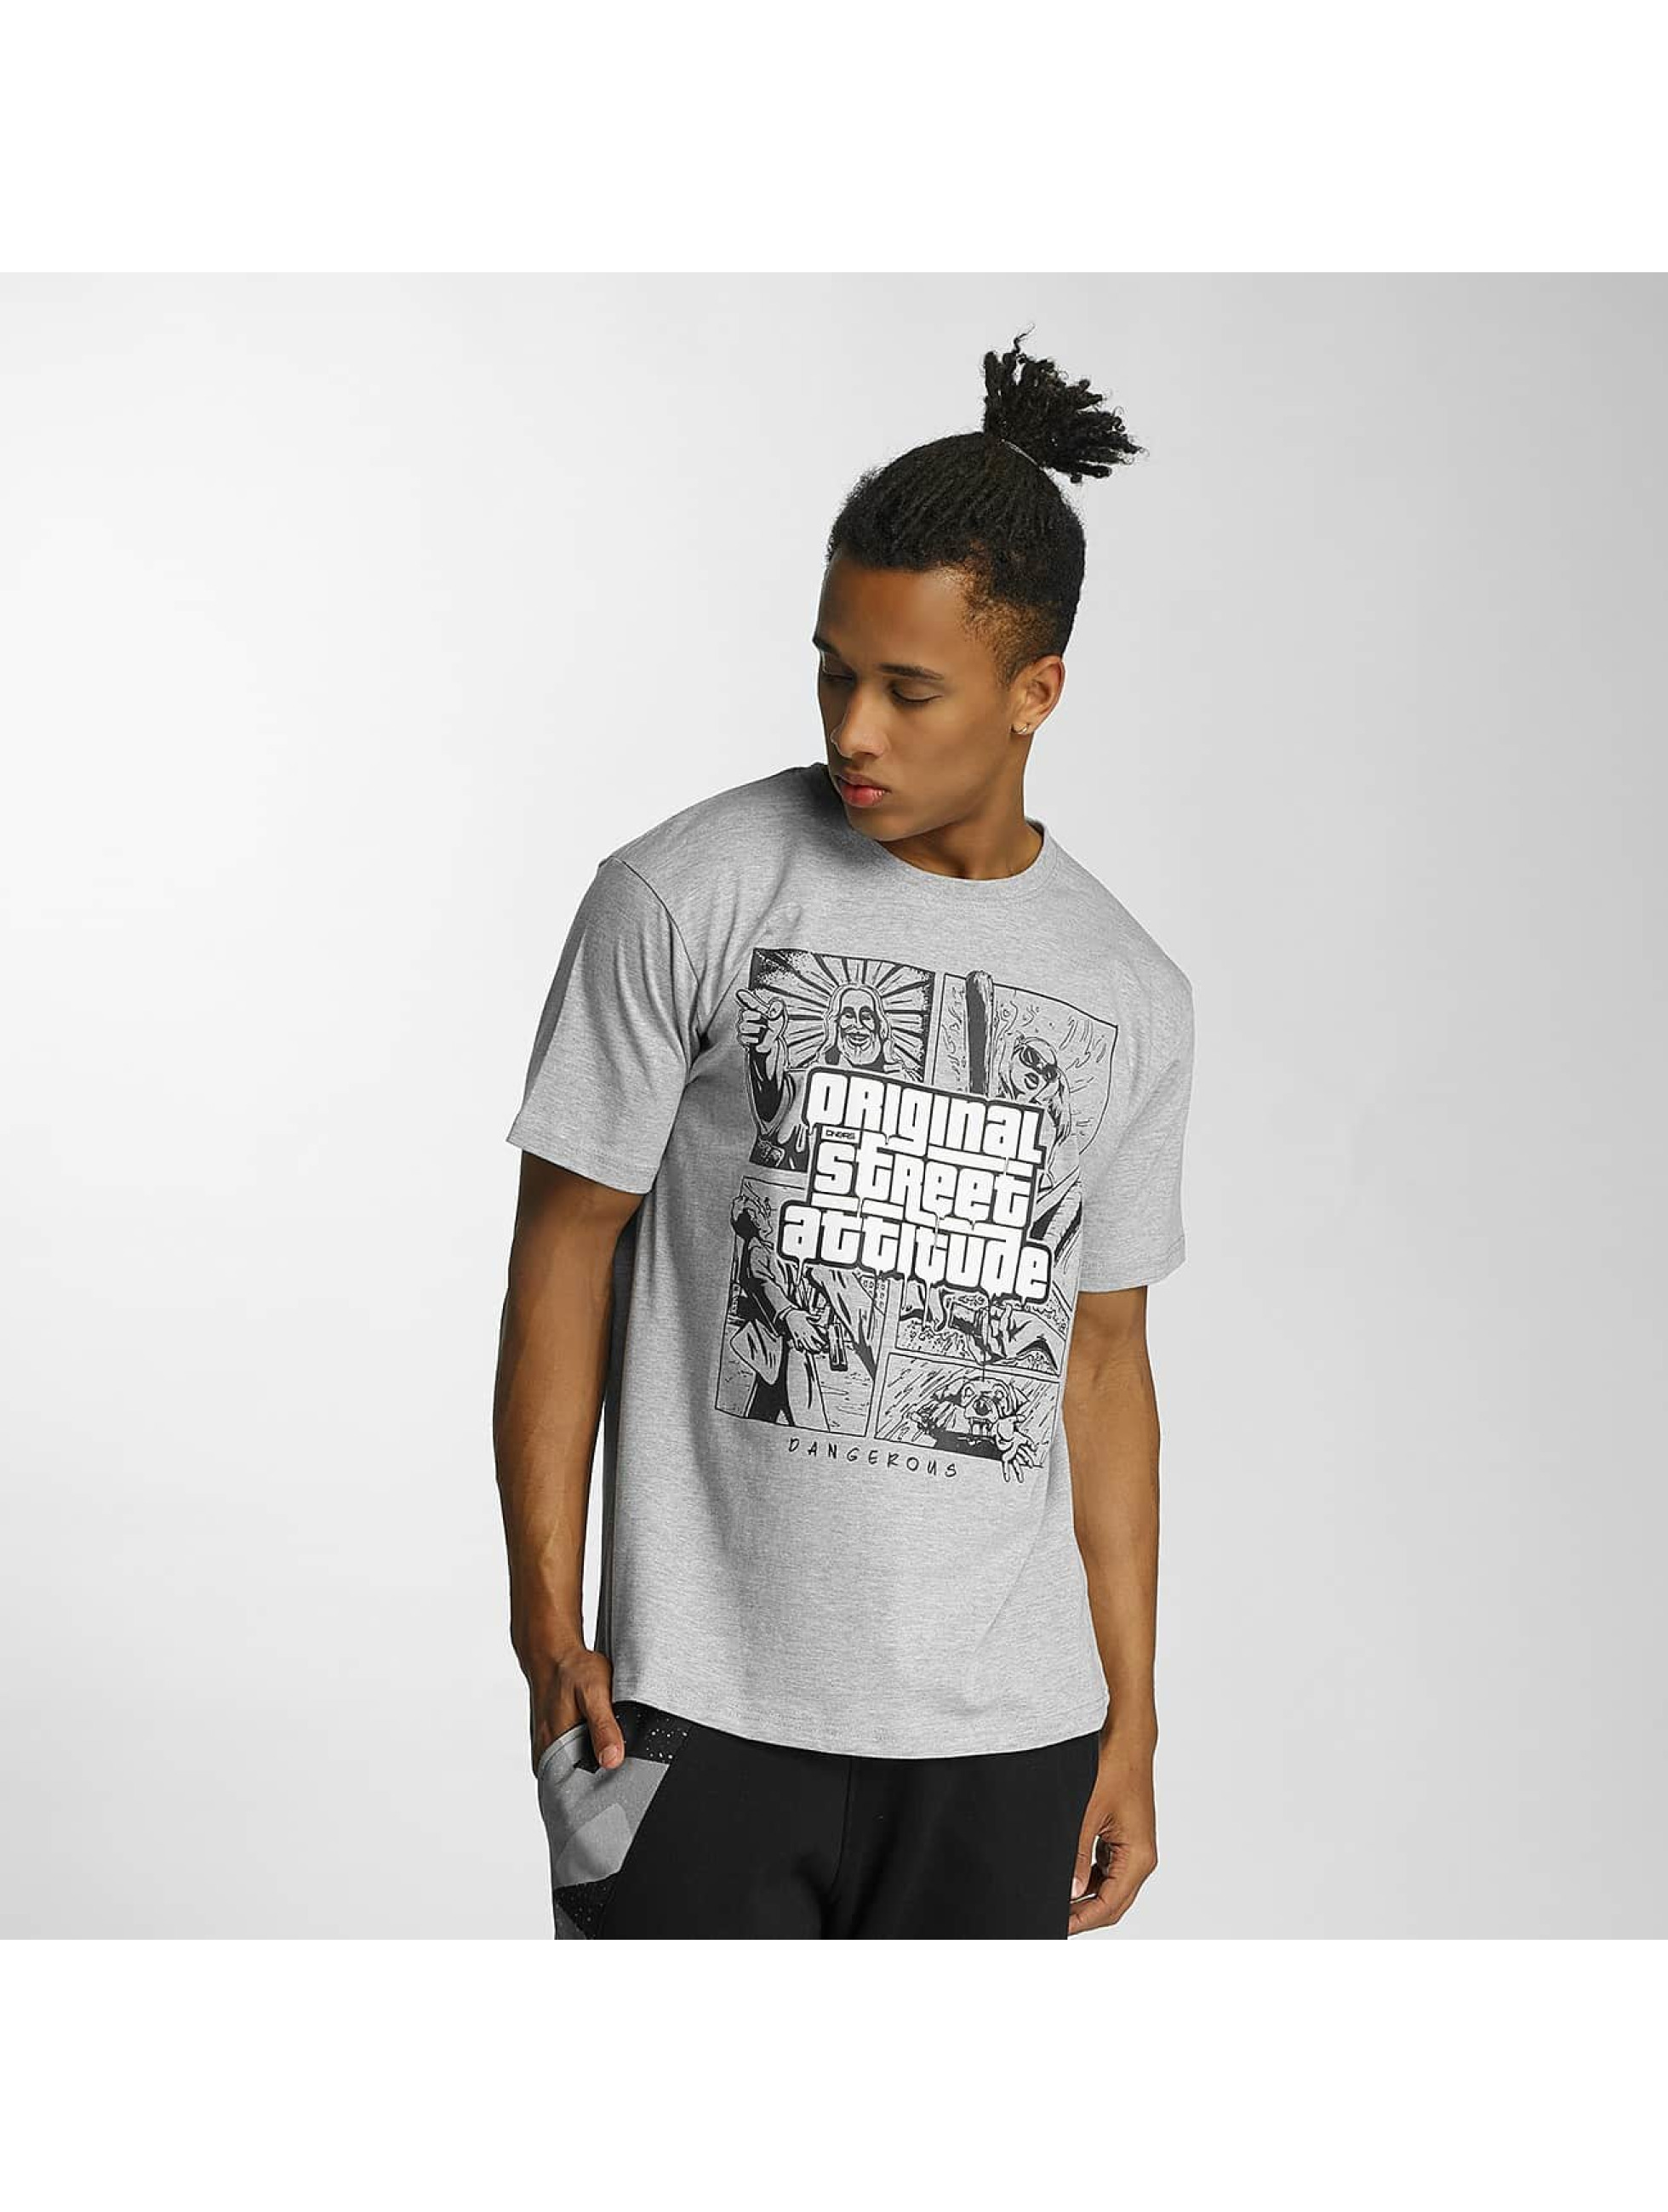 Dangerous DNGRS Original Street Attiude T-Shirt Grey Sale Angebote Gablenz